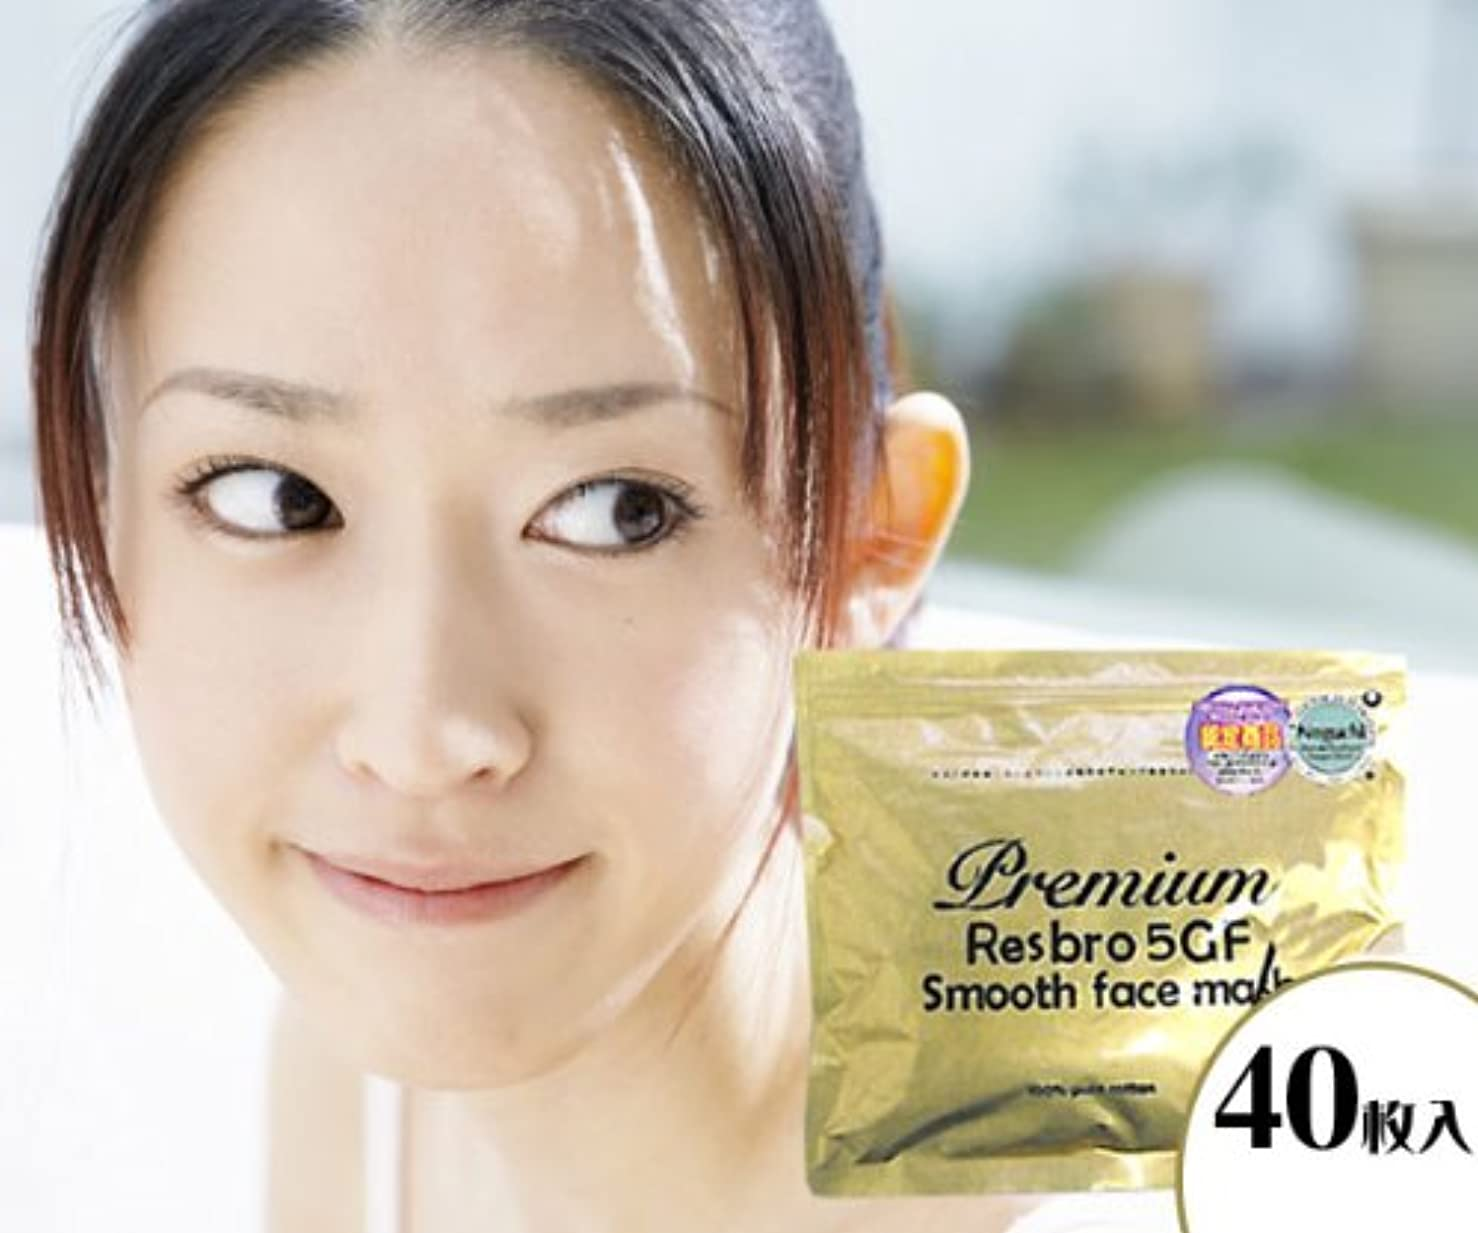 昼間ブラスト枯れるレスブロ5GFスムースフェイスマスク 40枚入り (こちらの商品の内訳は『40点』のみ)